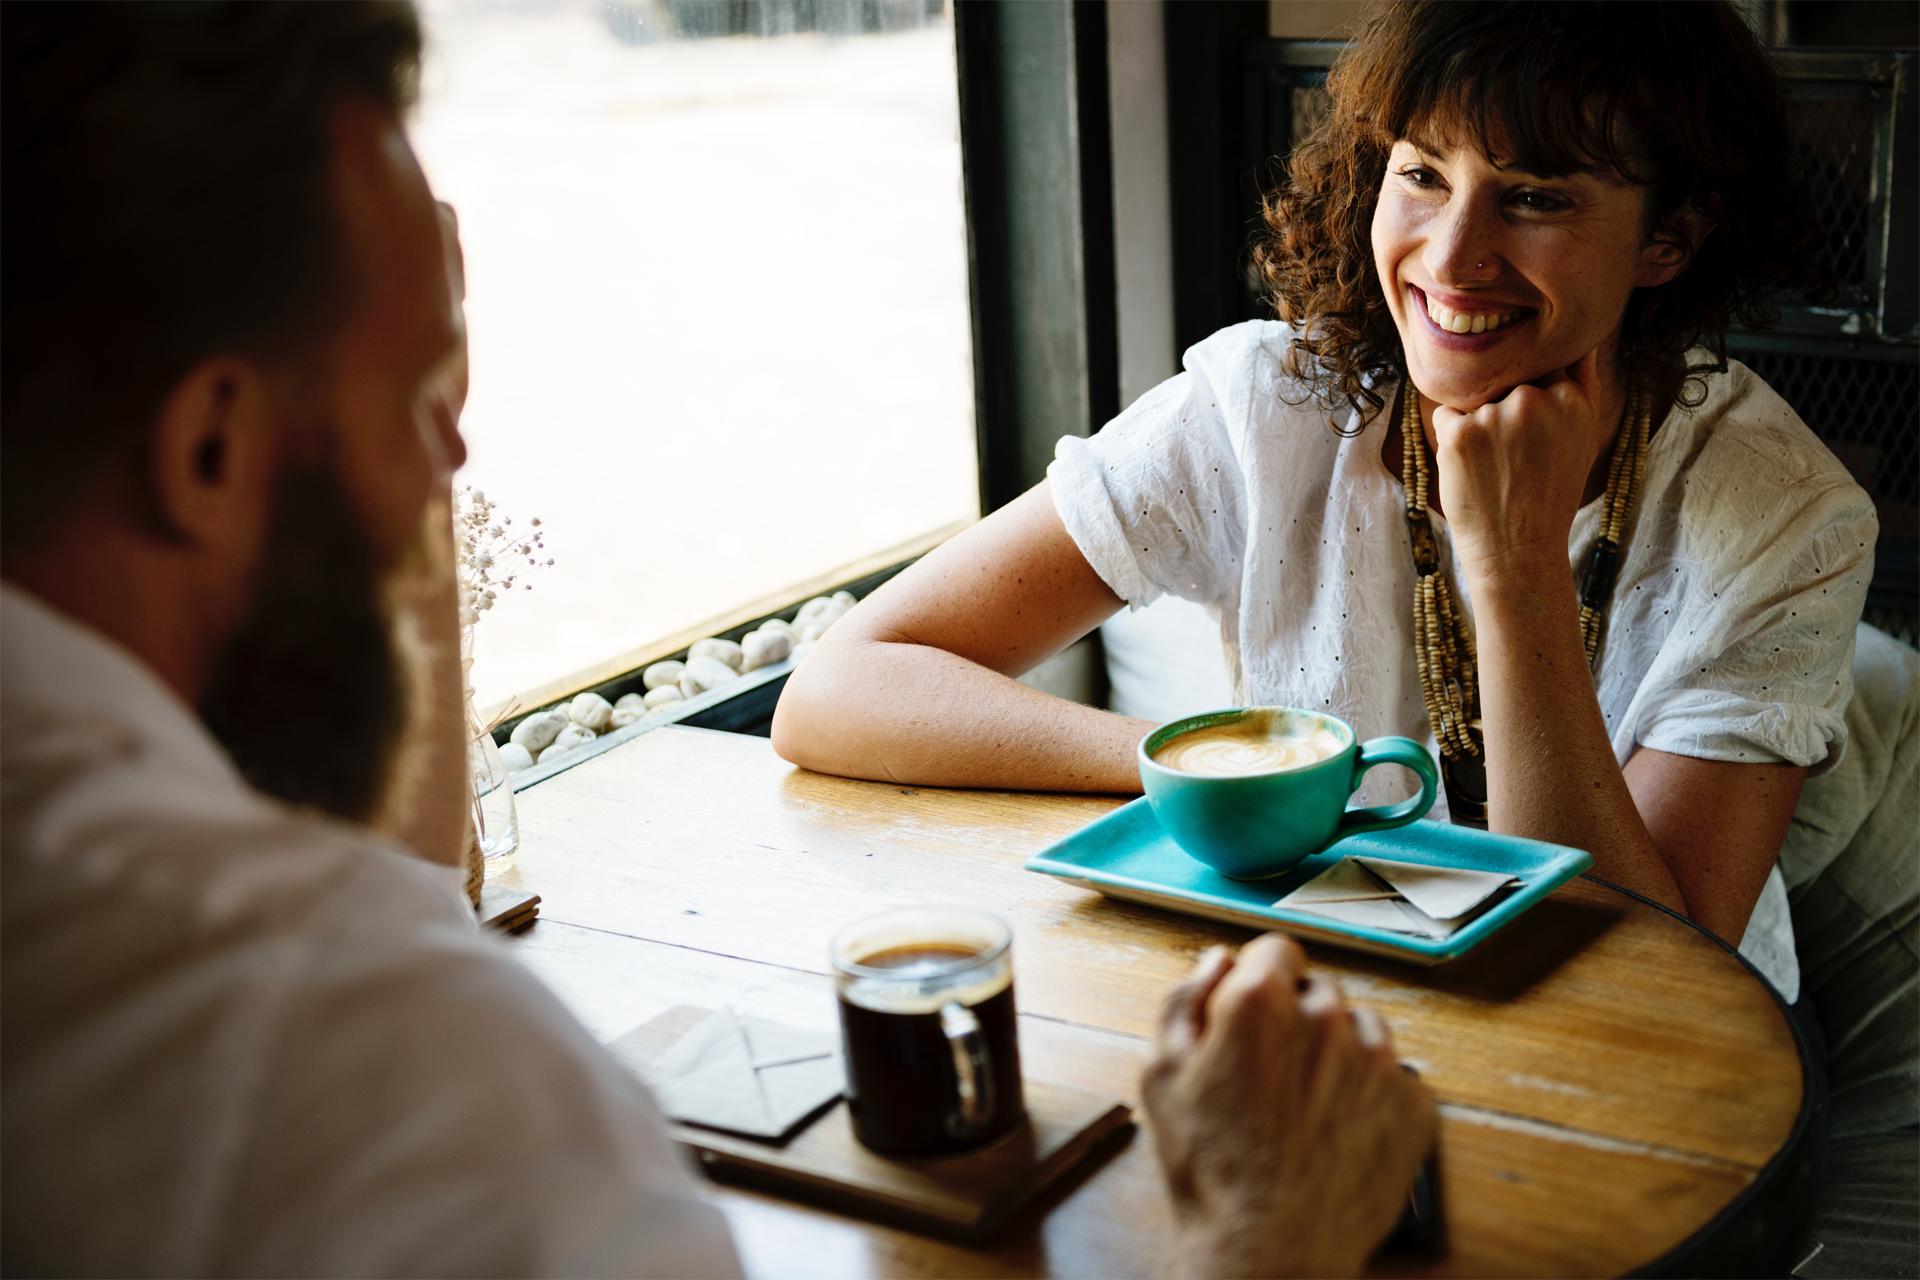 cafeaua-licoarea-de-toate-diminetile-si-efectele-ei-asupra-organismului